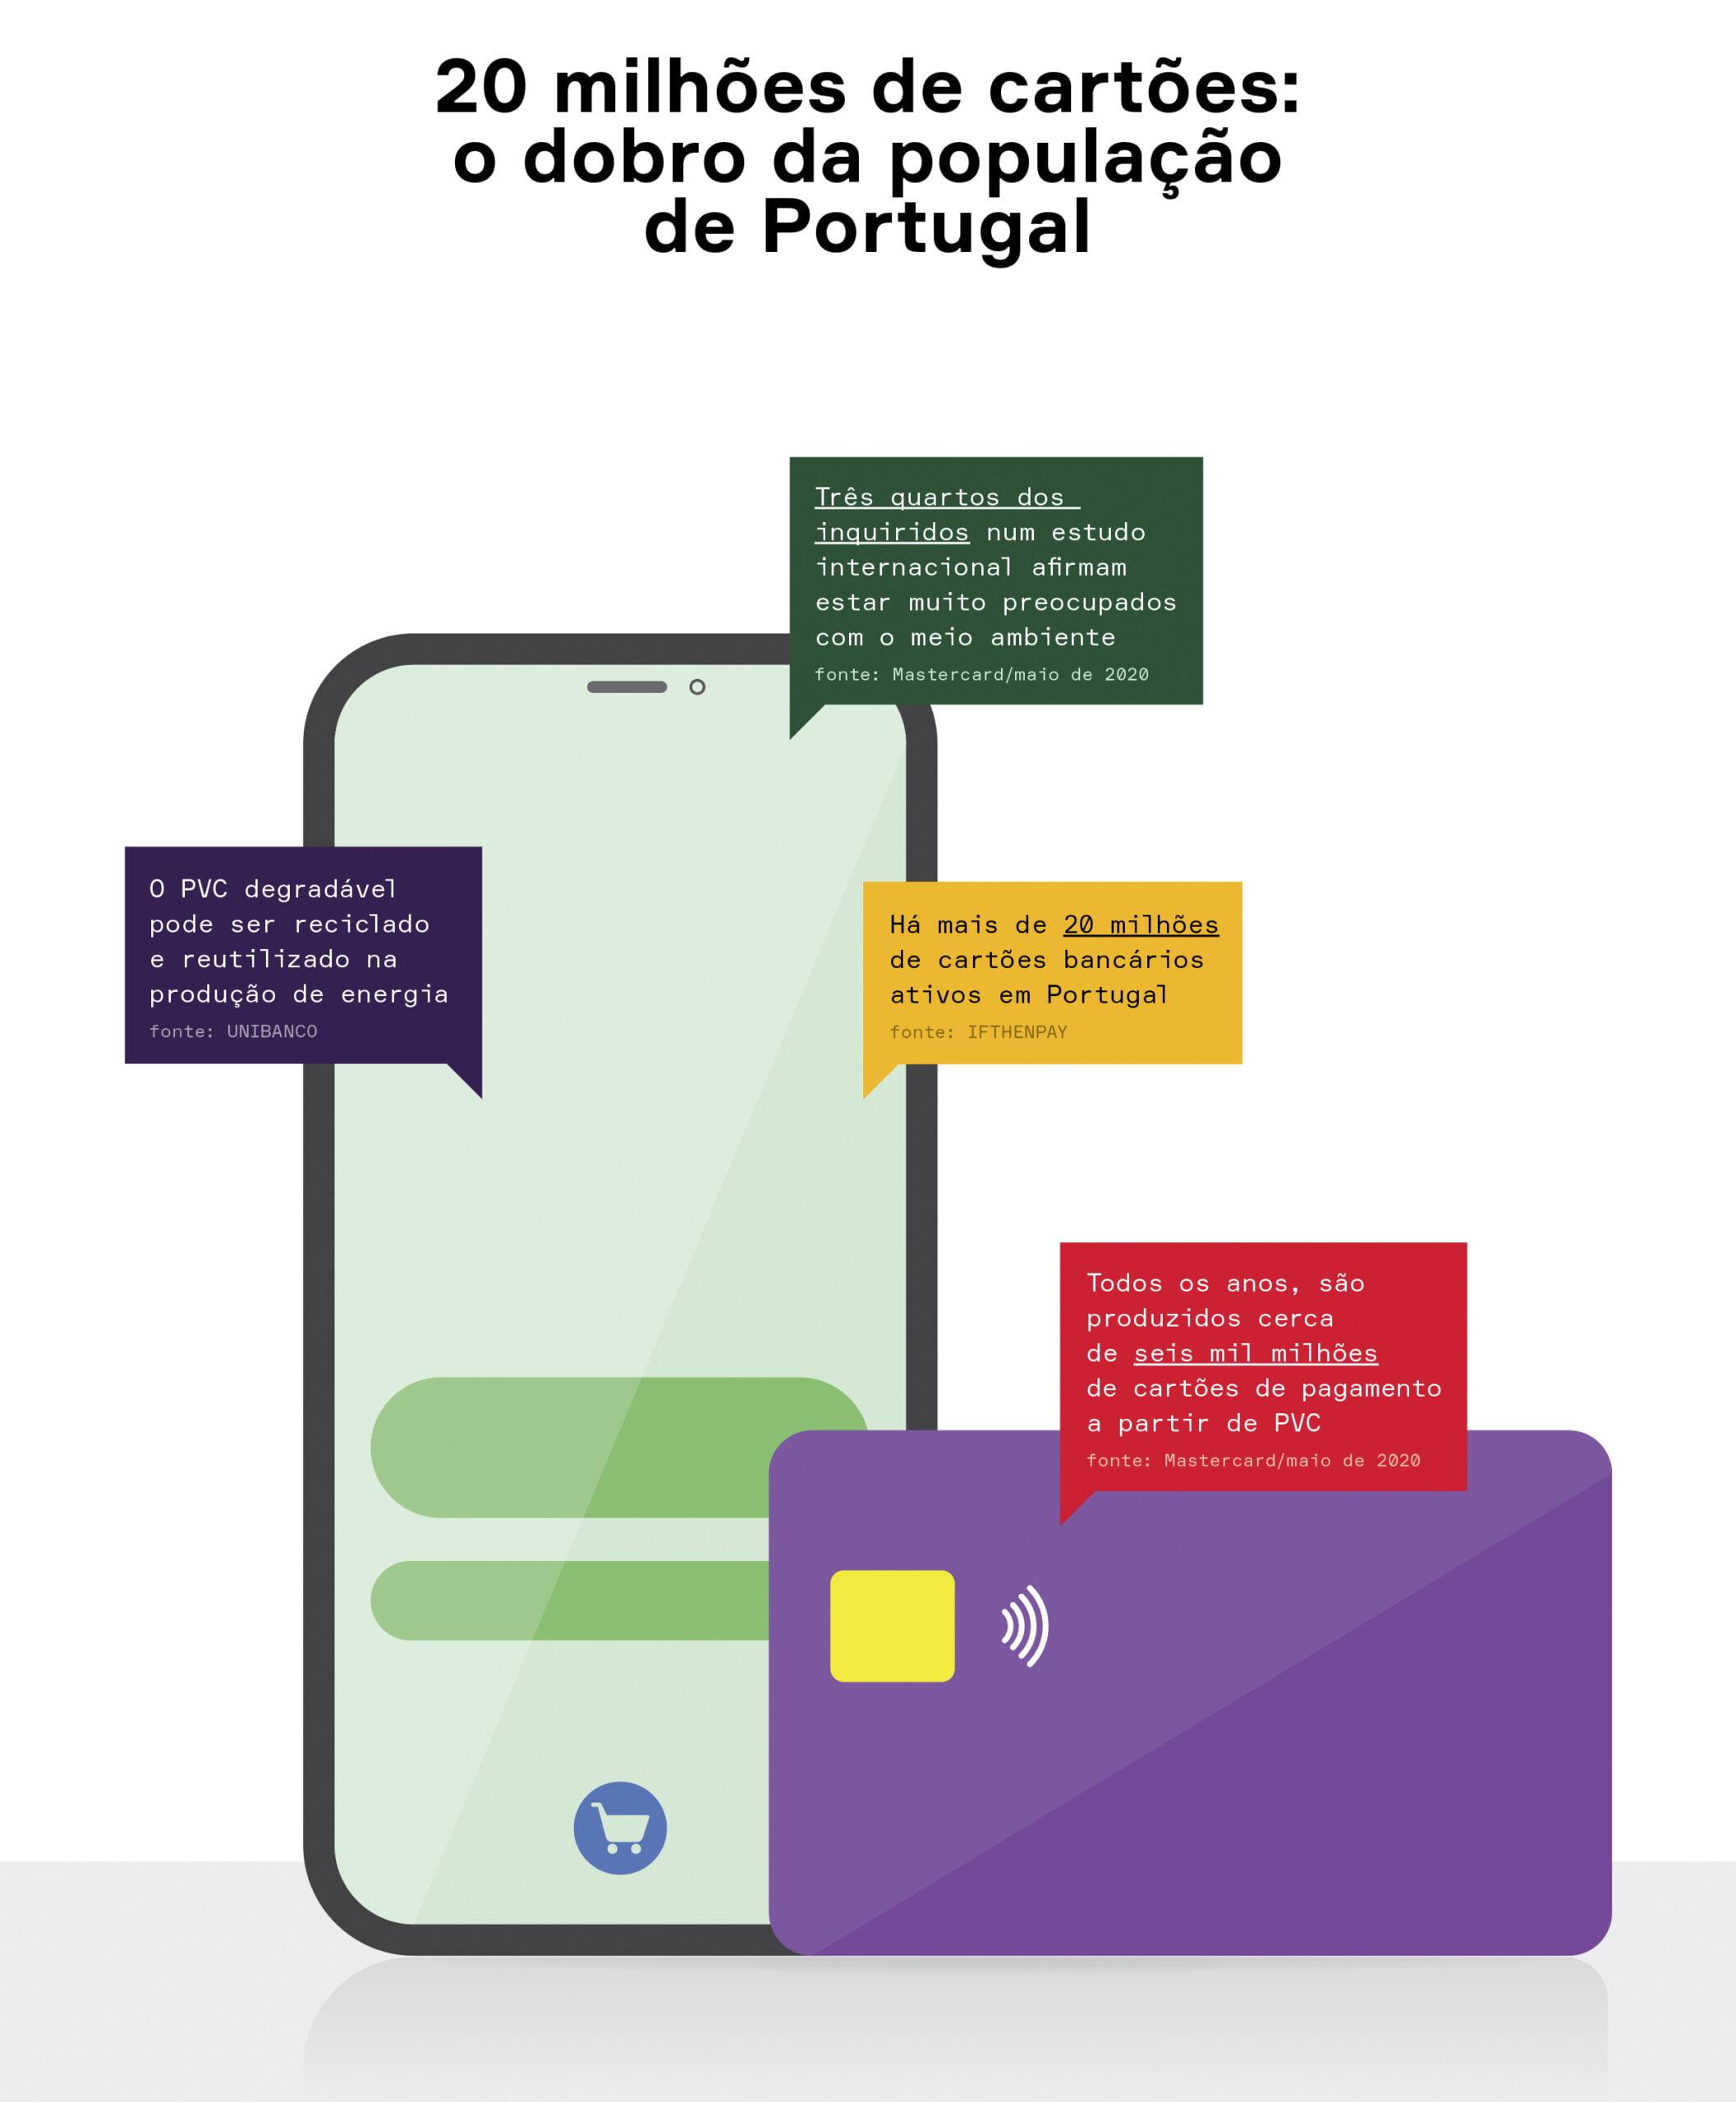 Infografia Cartões em Portugal